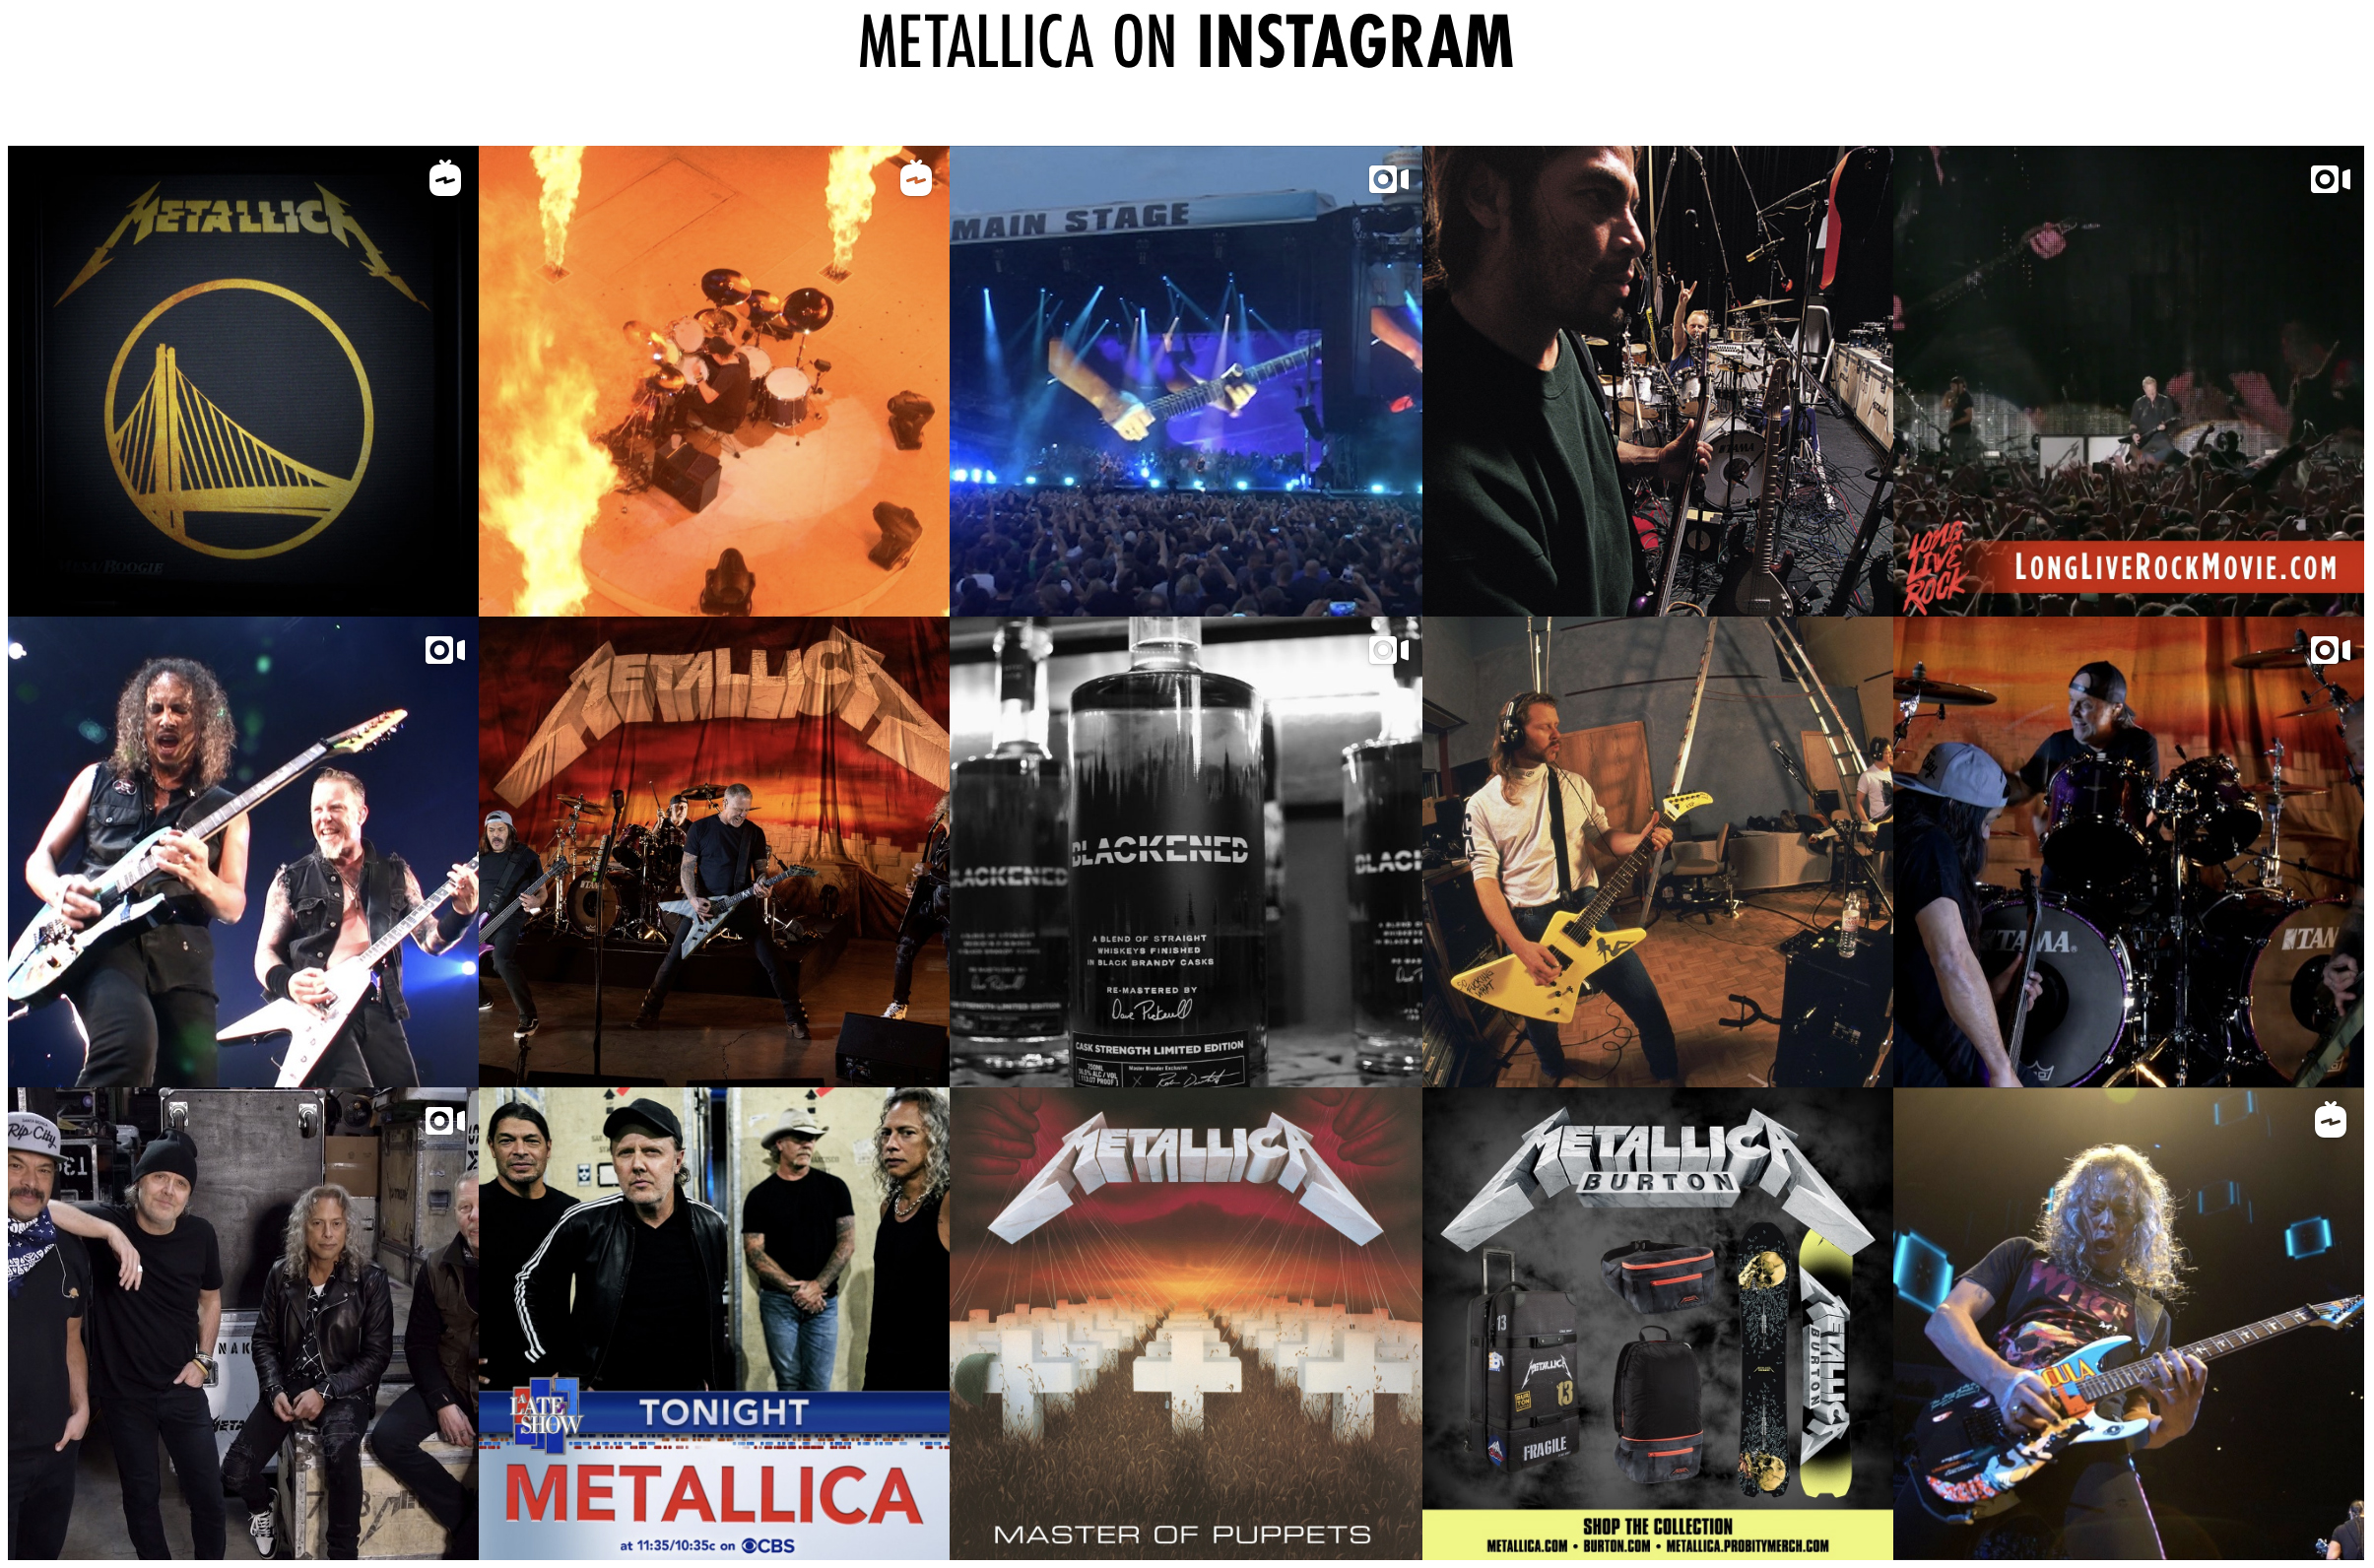 metallica on instagram